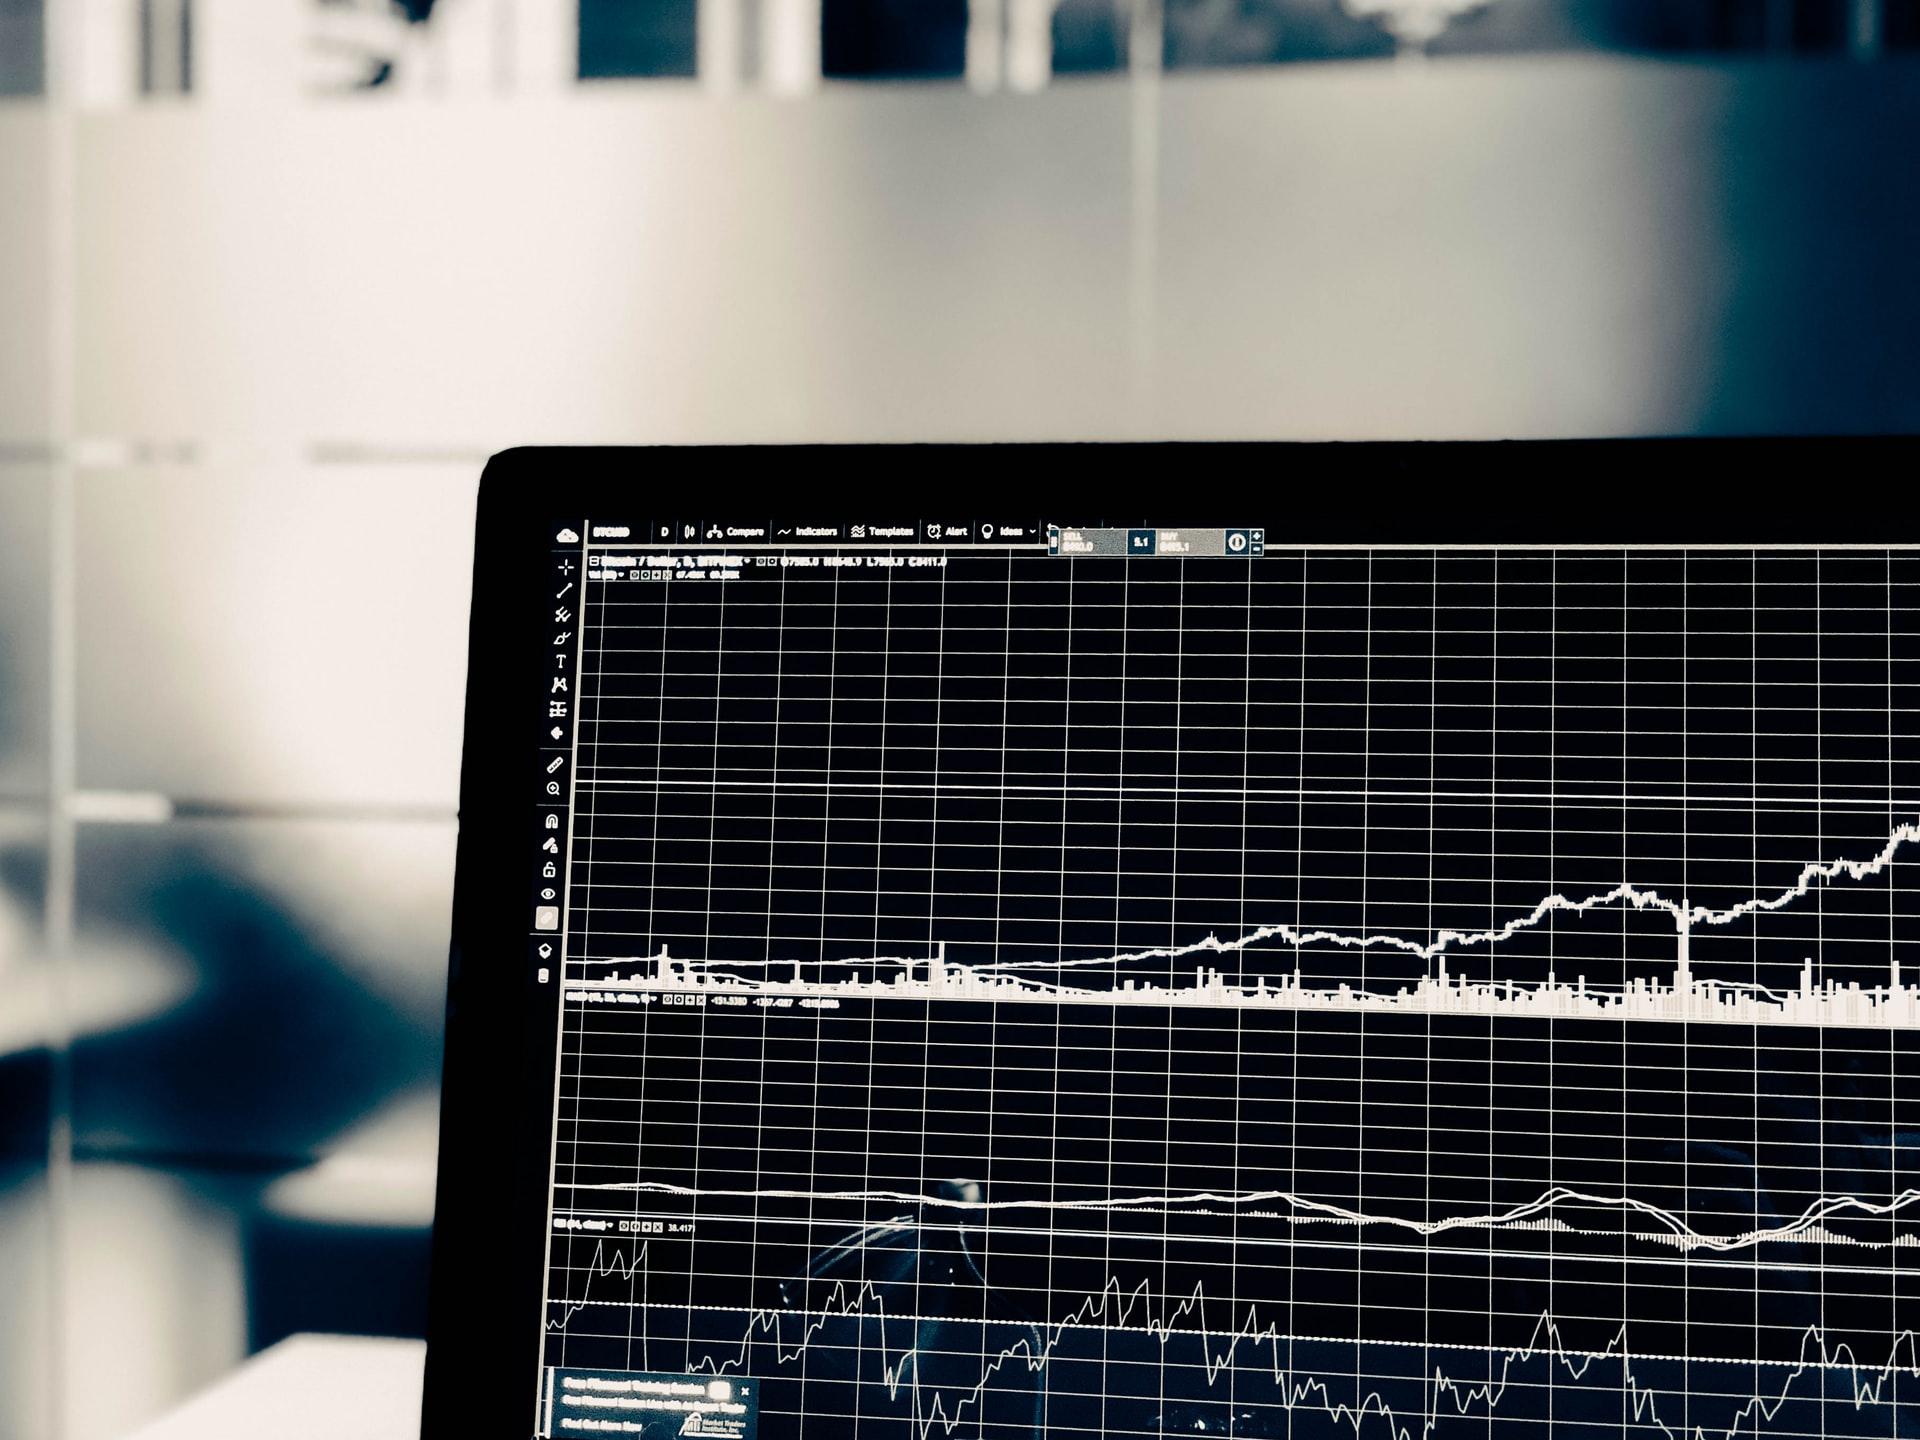 La presión de venta de Bitcoin está disminuyendo, sugiere un indicador clave de Glassnode